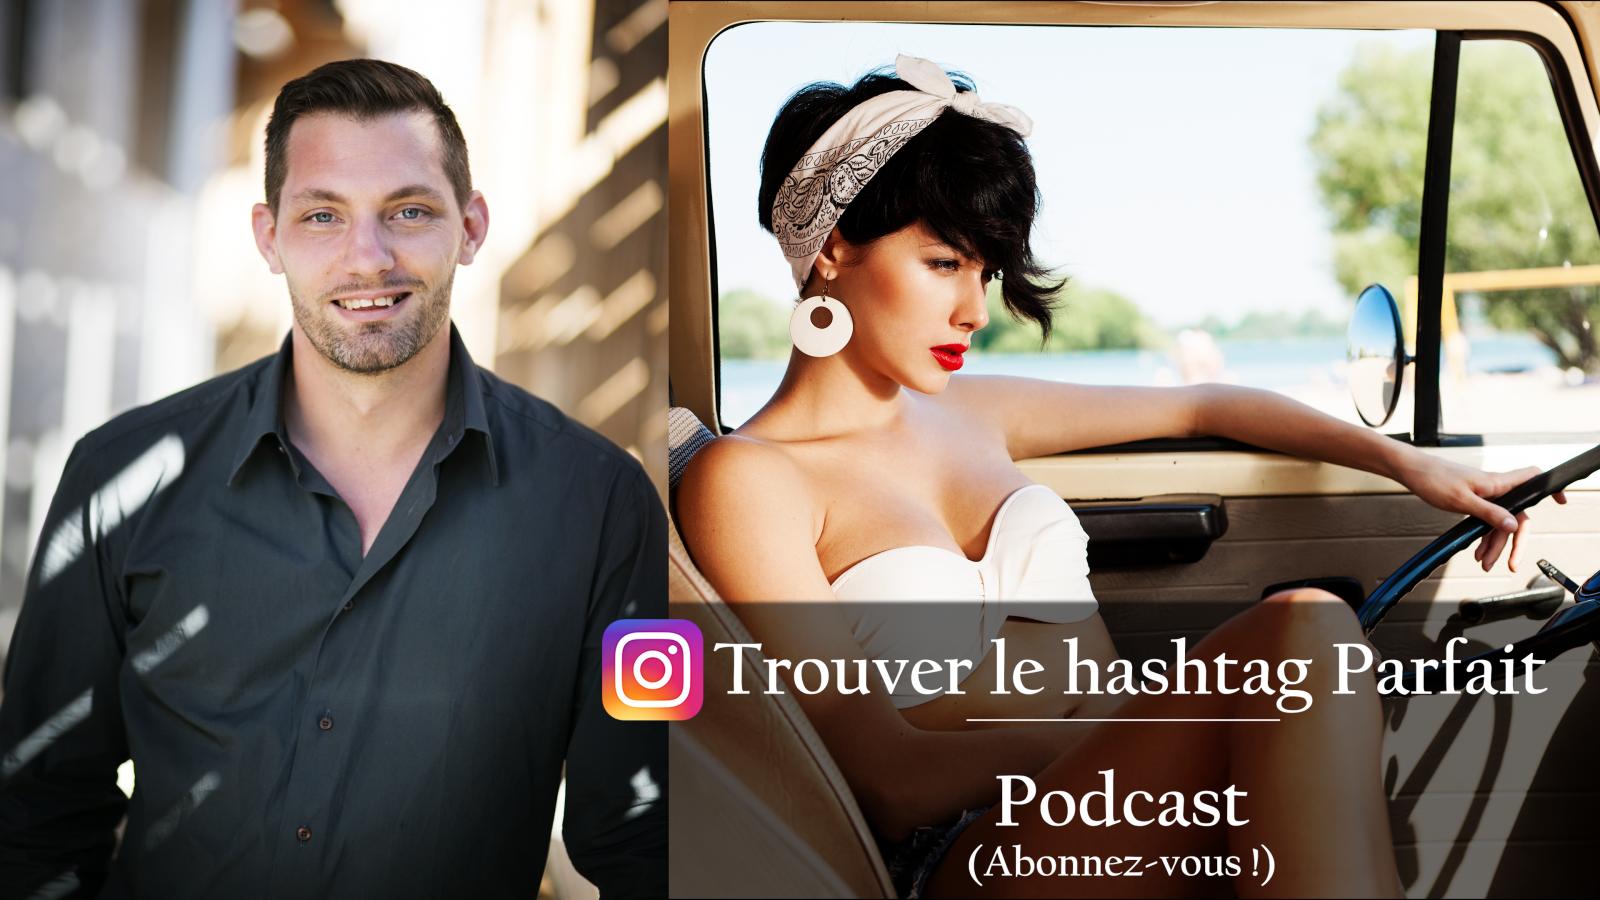 16eme Podcast - Instagram : Comment trouver les #hashtags parfaits pour améliorer sa notoriété